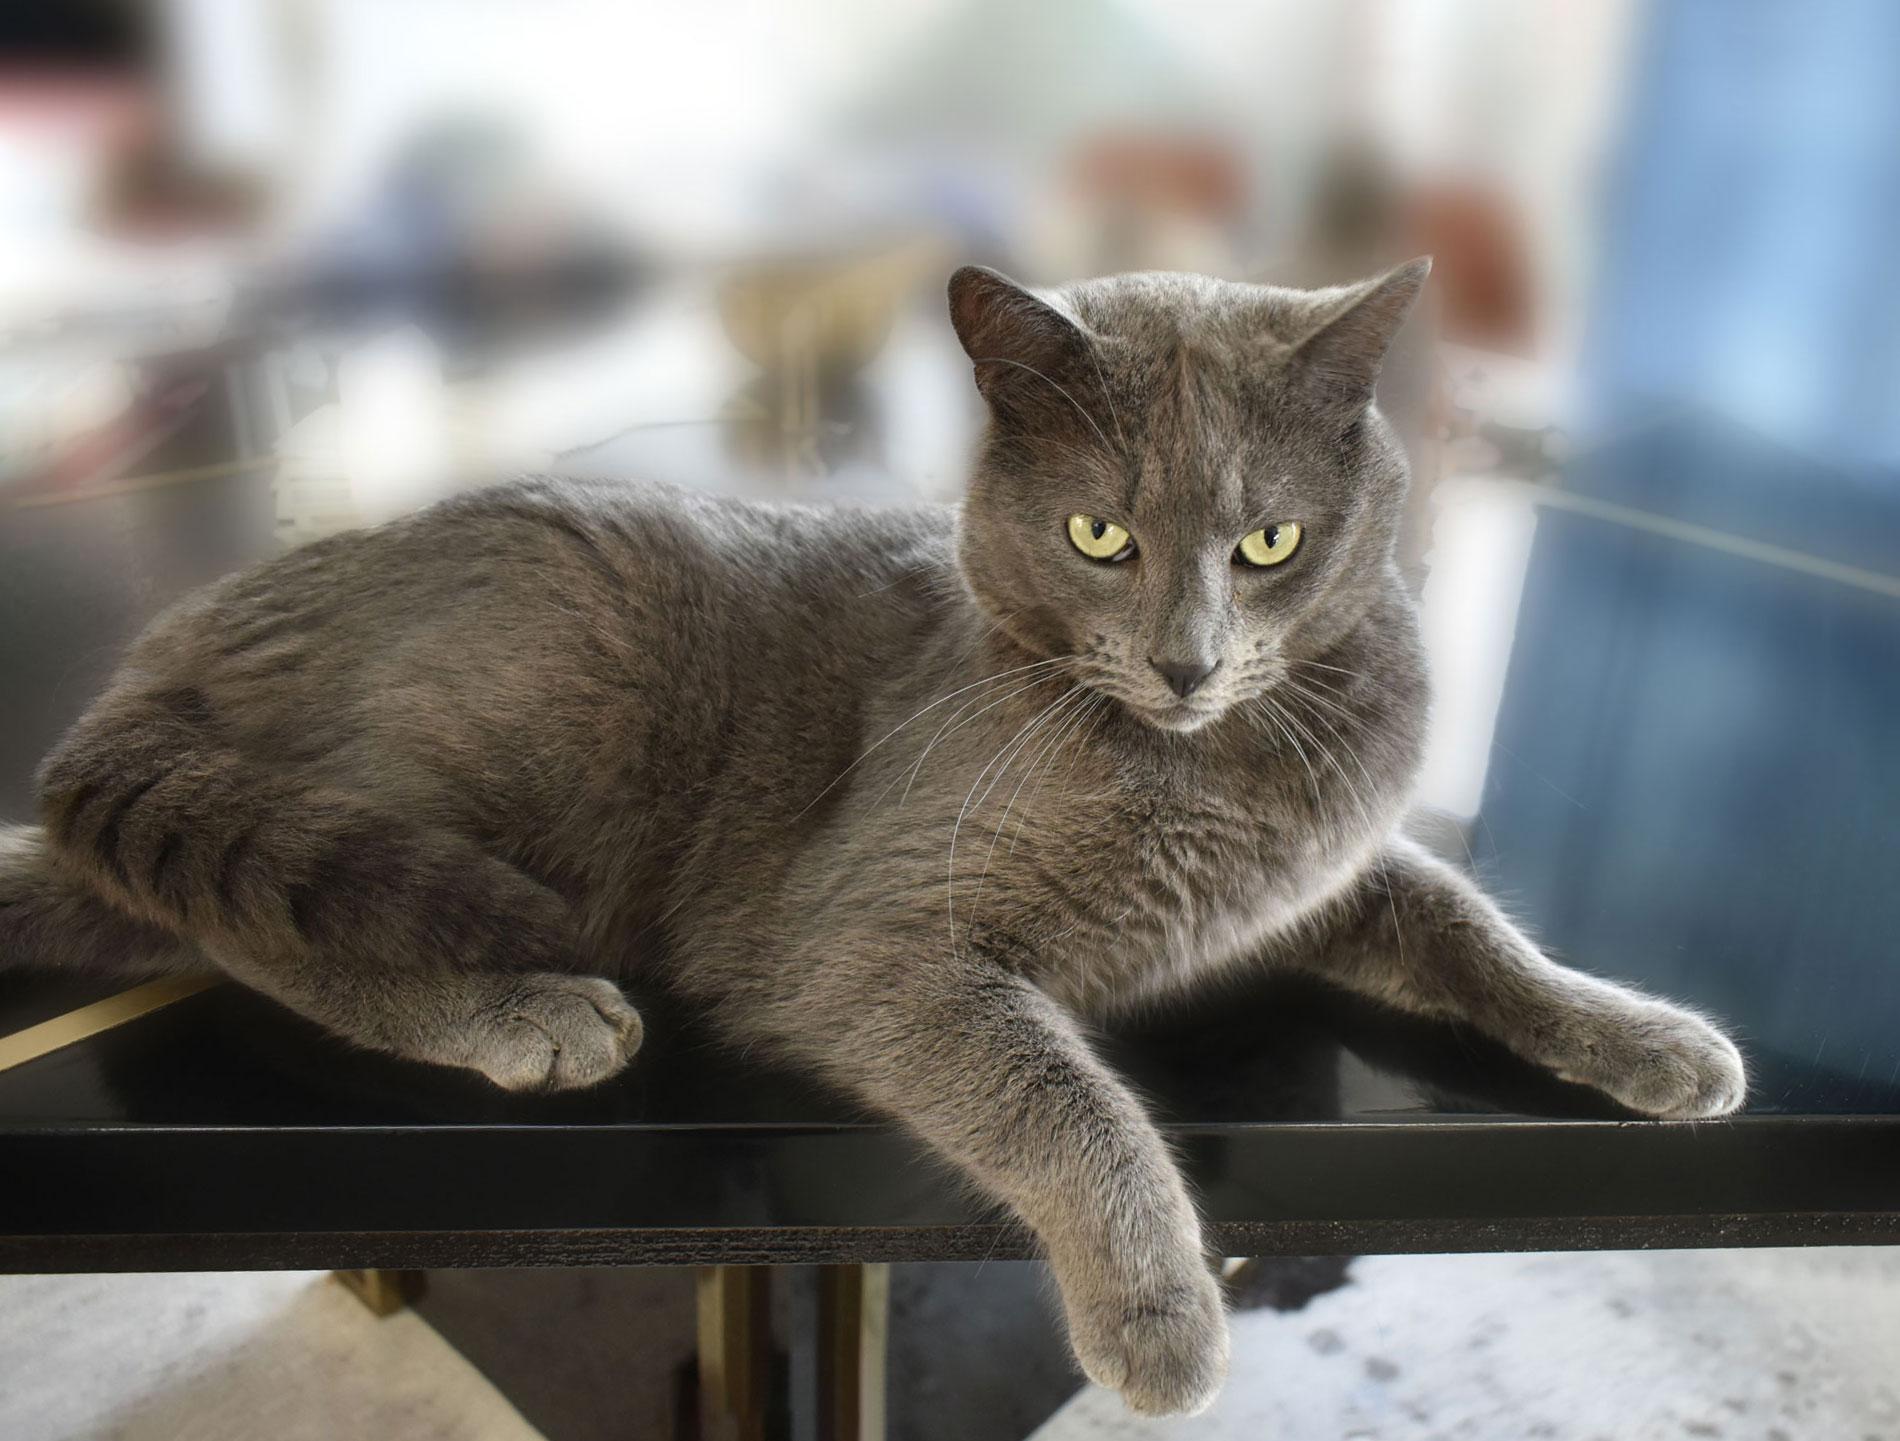 les-sens-de-nelumbo-chat-bien-etre-animal